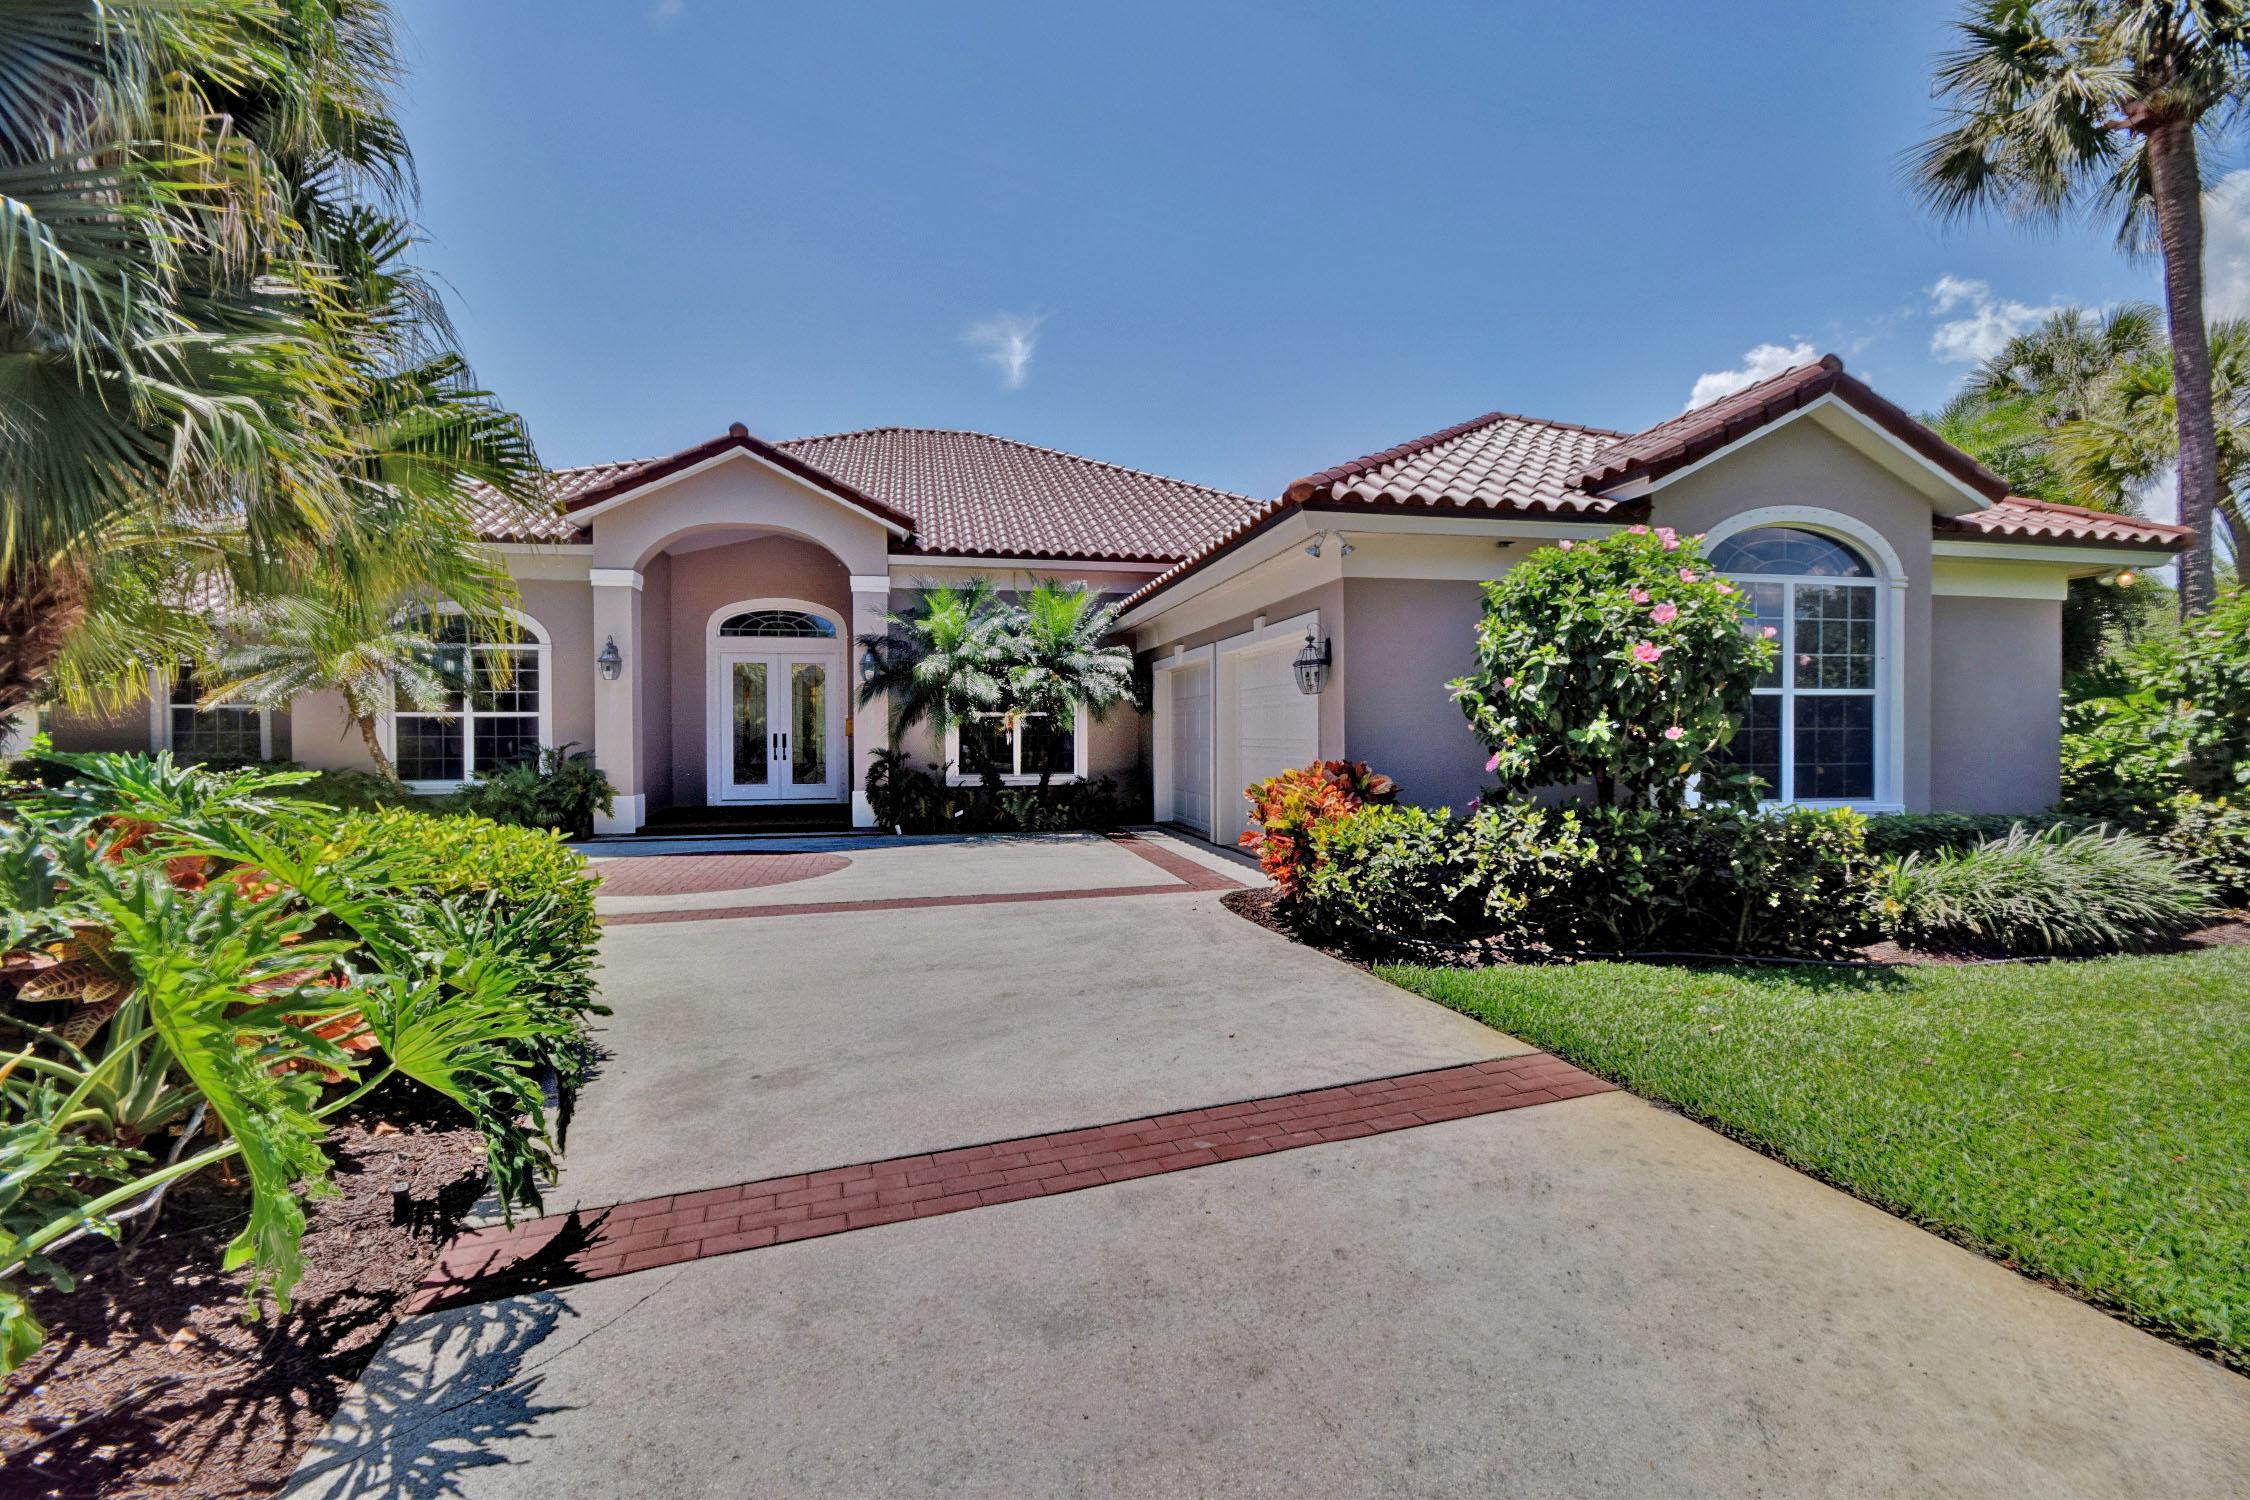 Villa per Vendita alle ore Bright & sunny pool home in Sandpointe 1805 Sandpointe Pl E Vero Beach, Florida 32963 Stati Uniti